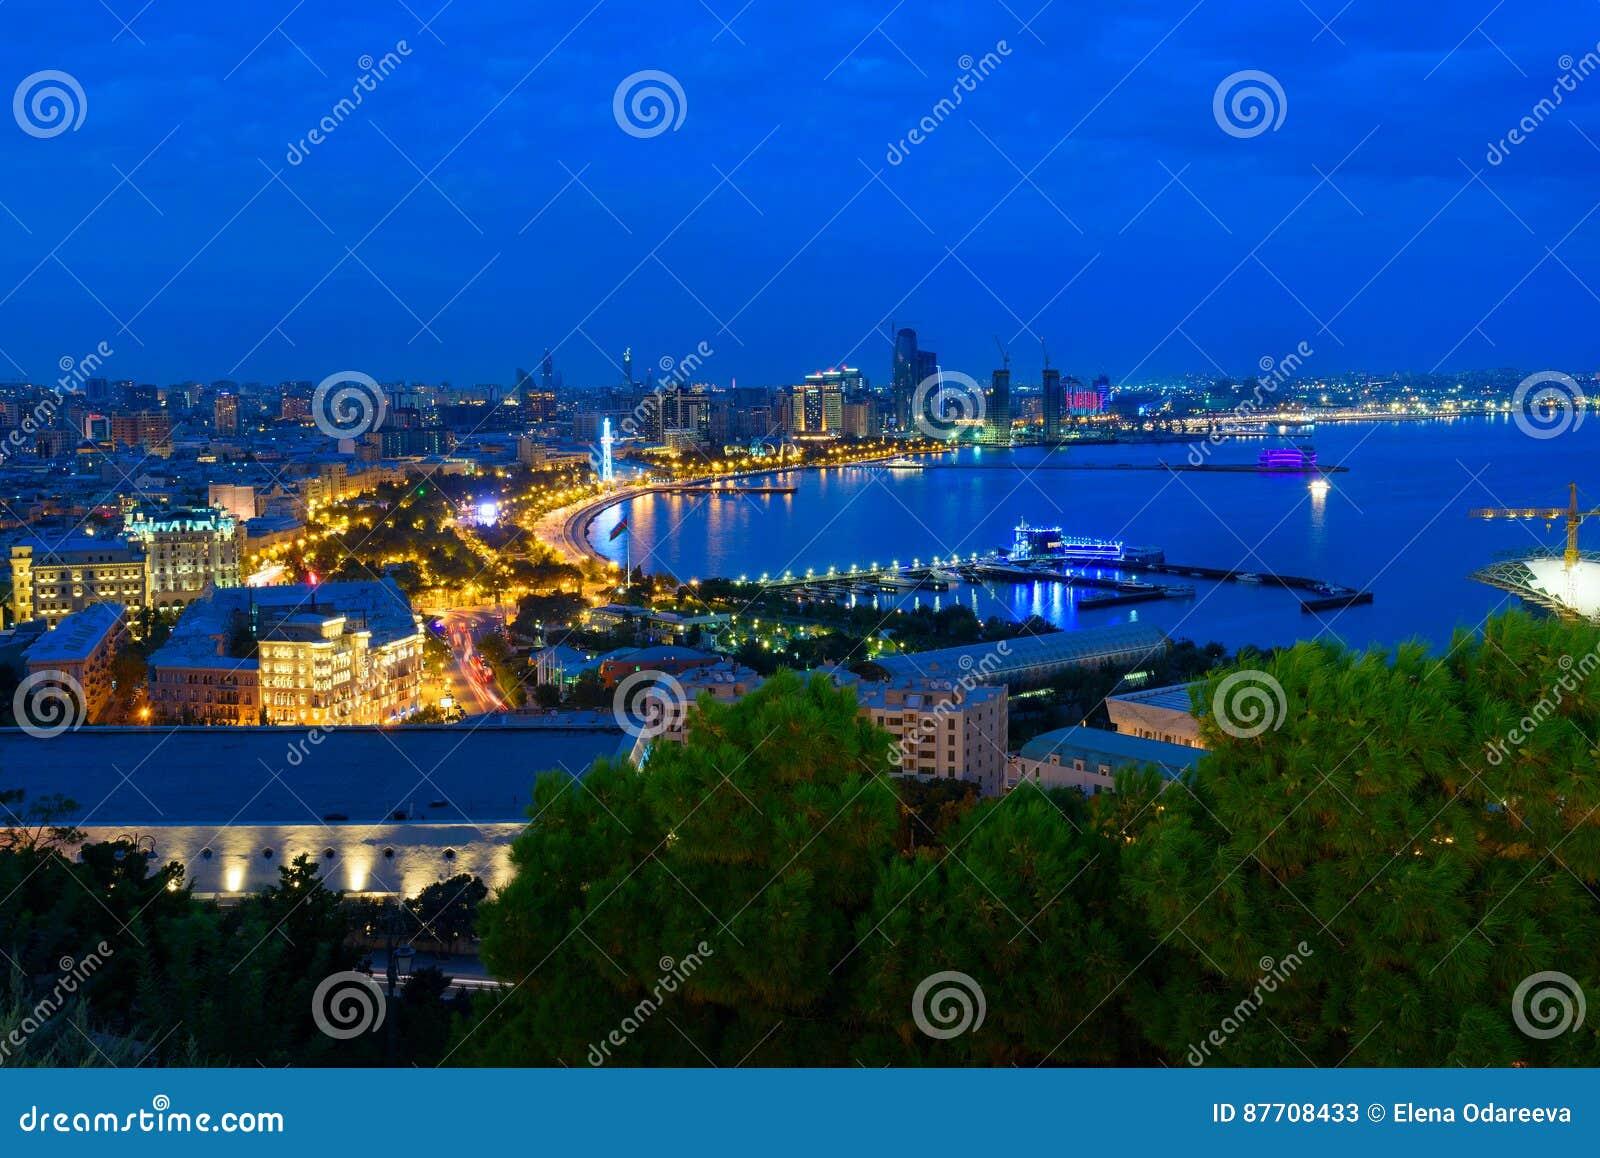 Vue de nuit du boulevard de ville bakou